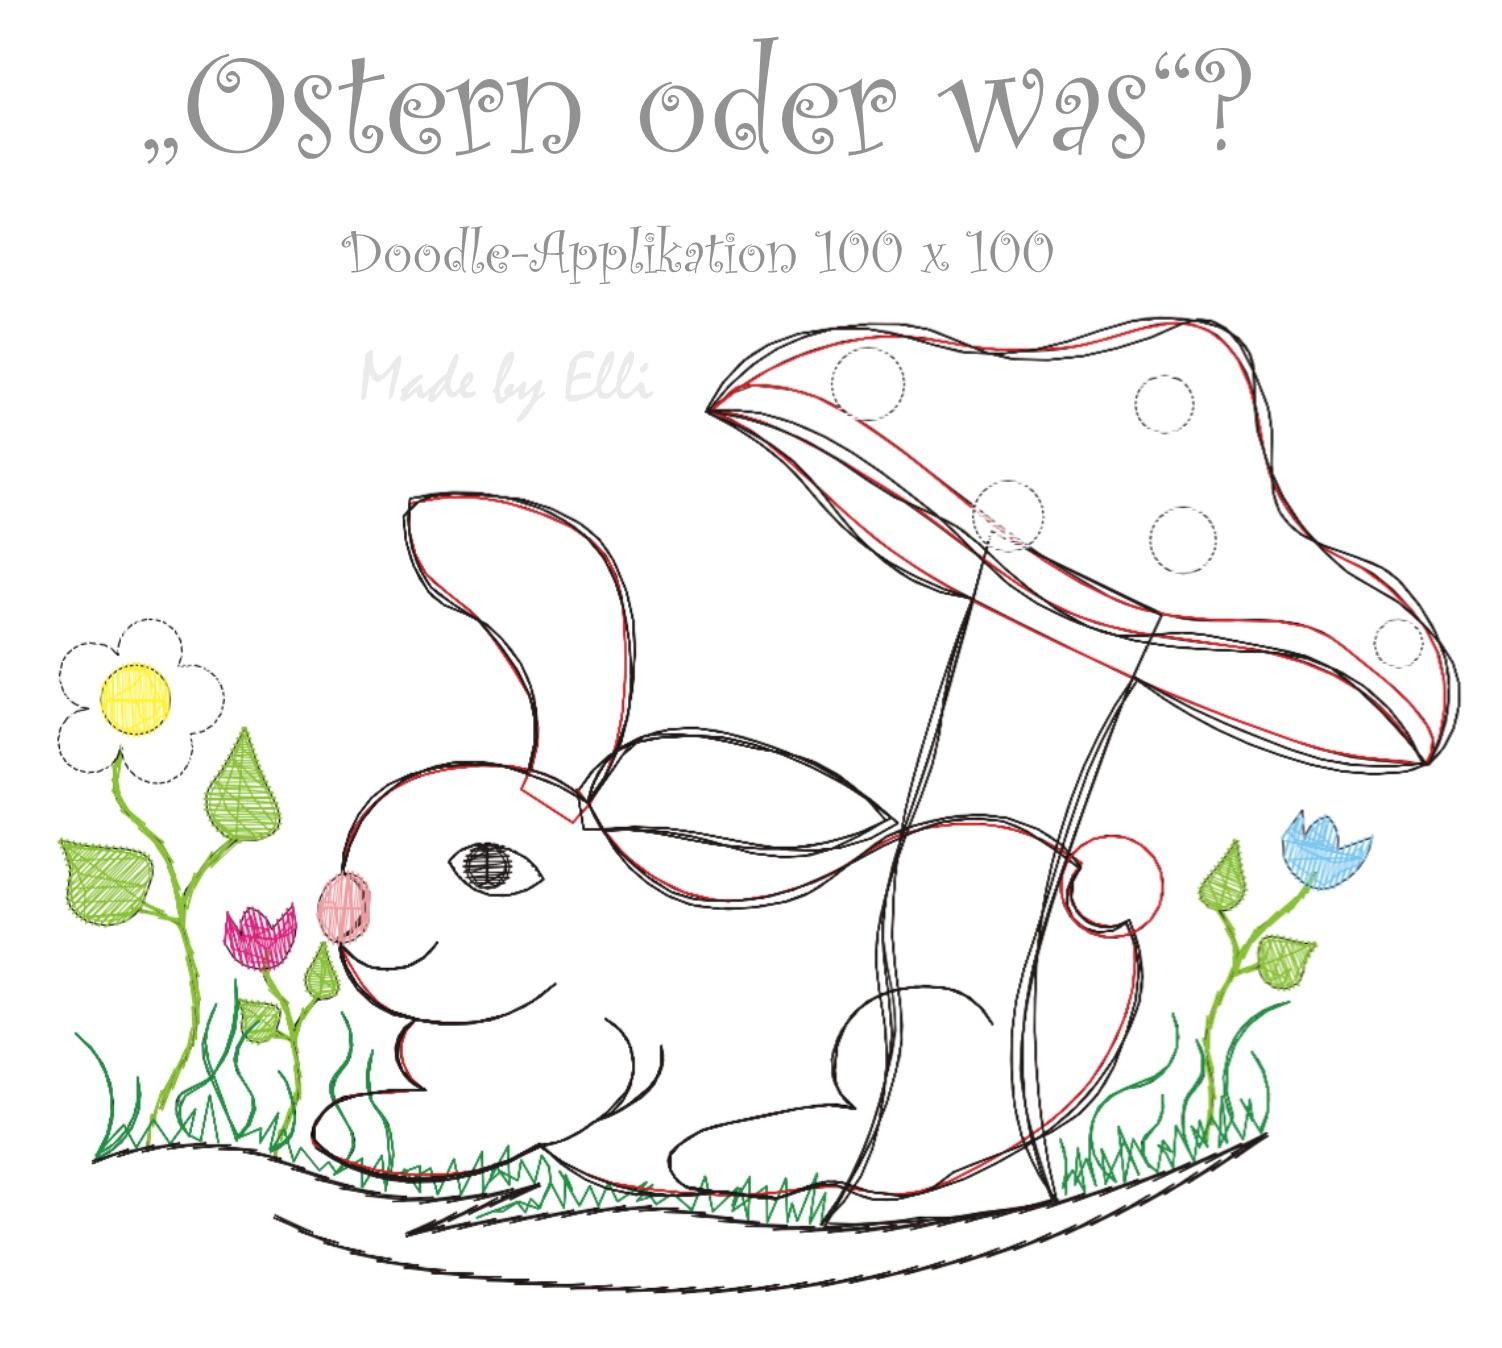 Ostern oder was - klein